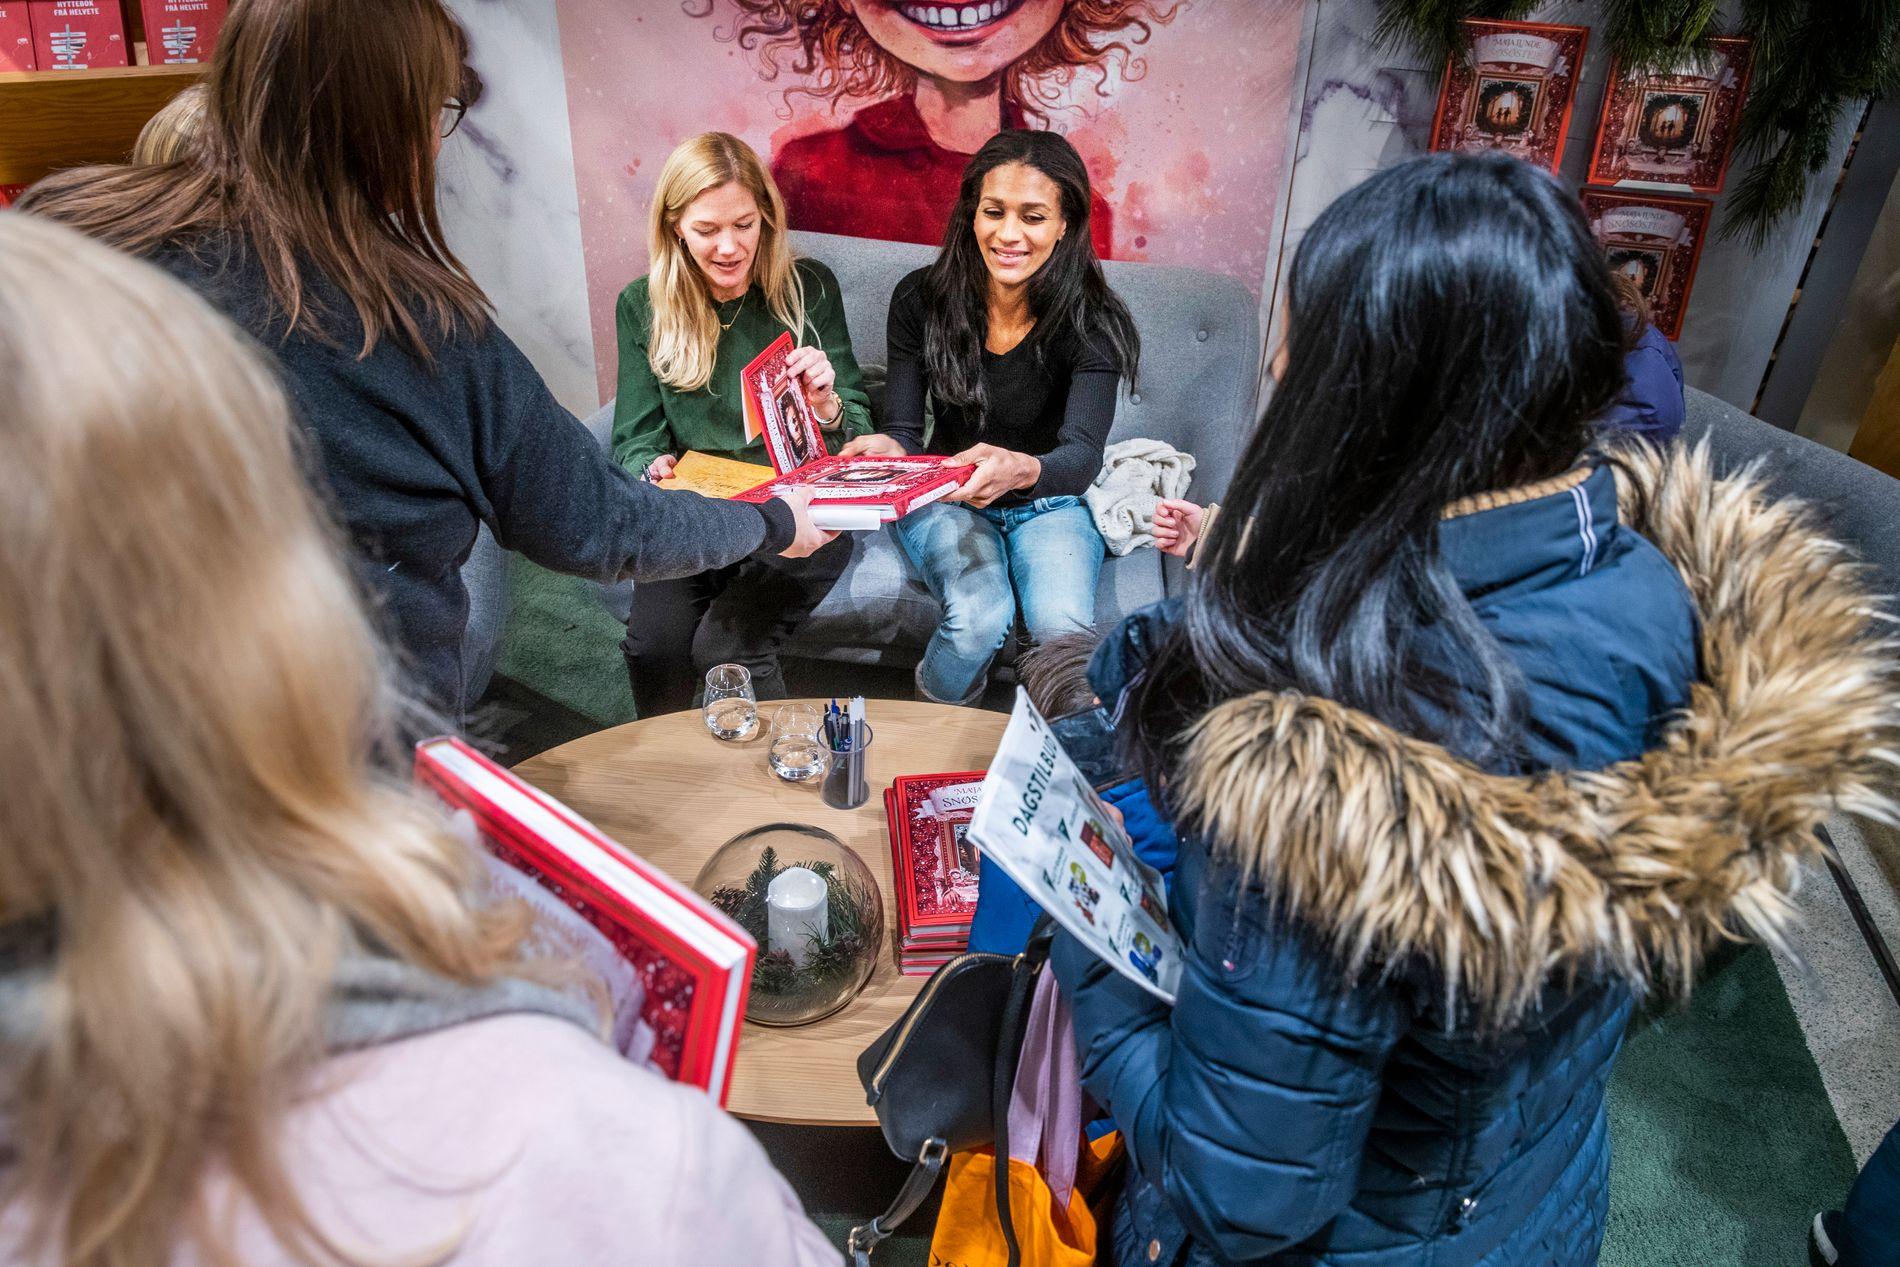 SIGNERINGSFERD: Forfatter Maja Lunde og illustratør Lisa Aisato signerte «Snøsøsteren» i Oslo onsdag. Bare siden boken kom i midten av oktober med et førsteopplag på 11.000 er de nå oppe i et opplag på 250.000 bøker.